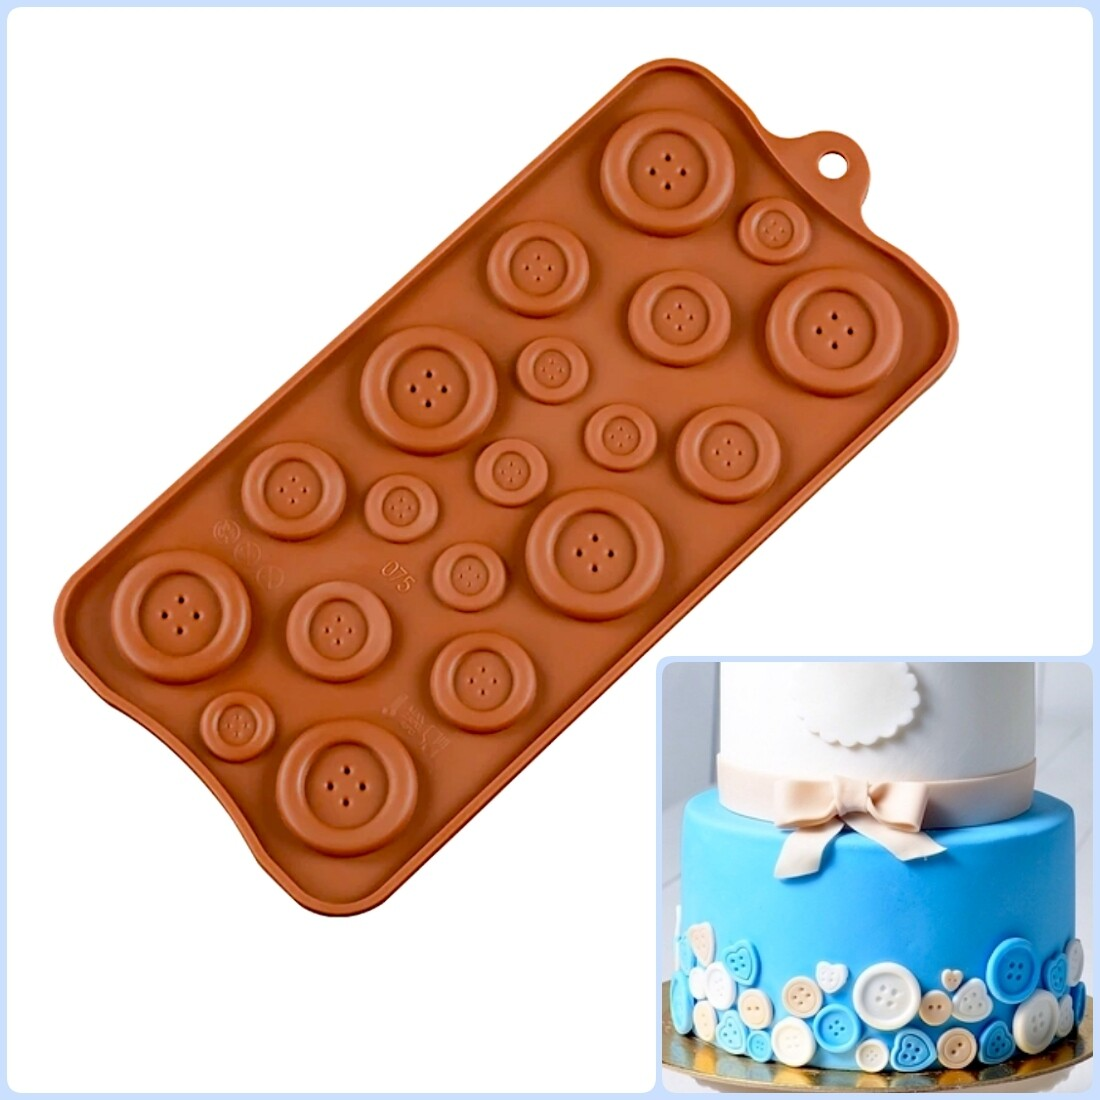 Форма для шоколада, мастики и проч. силиконовая | Пуговицы 19 фигур